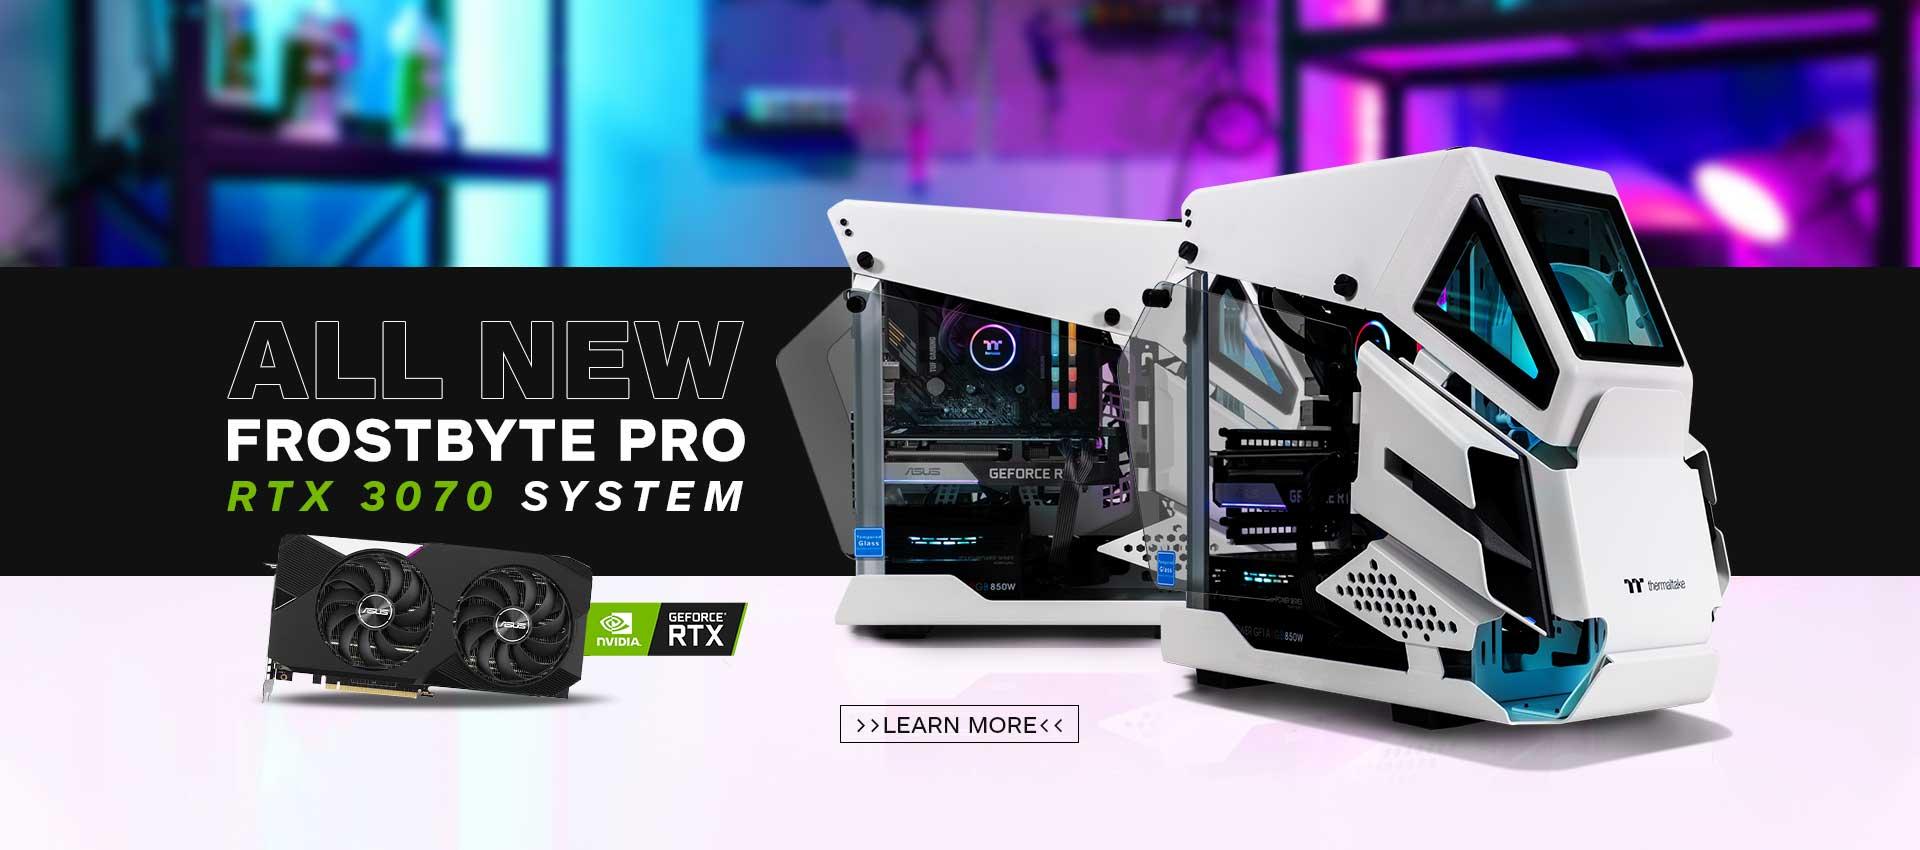 Frostbyte Pro